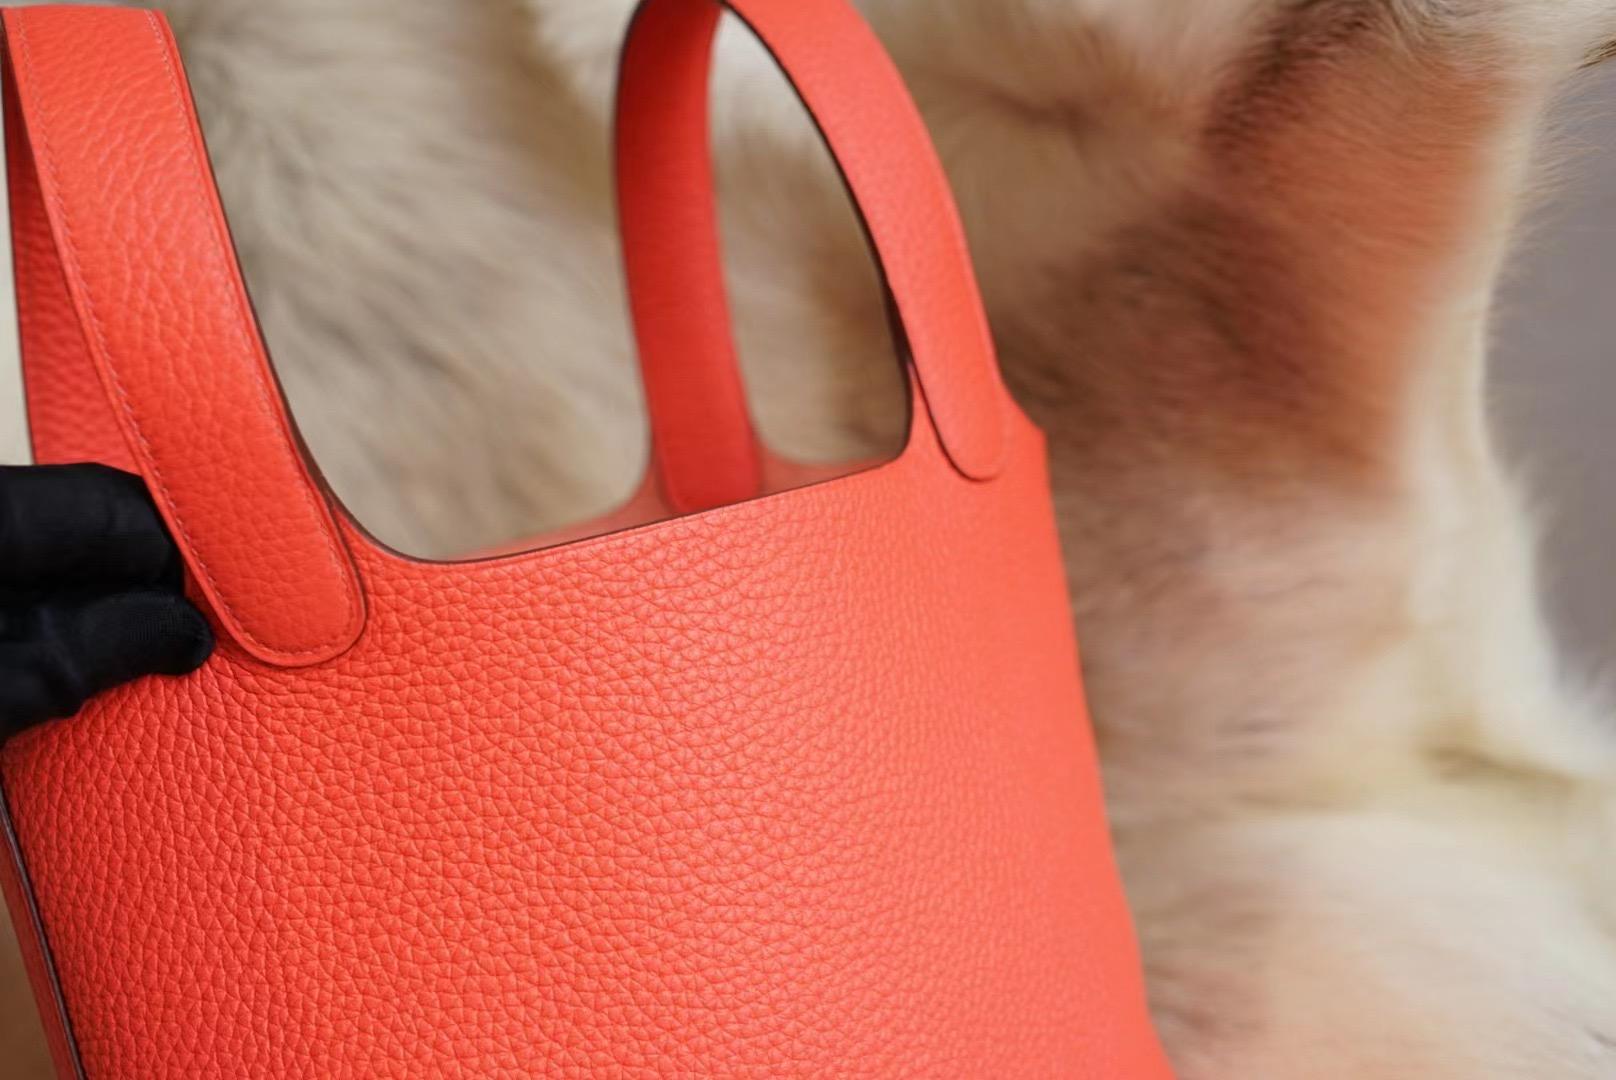 Hermes Picotin 18CM  0E德州粉 菜篮子18 原厂clemence皮 法国蜡线 全手缝